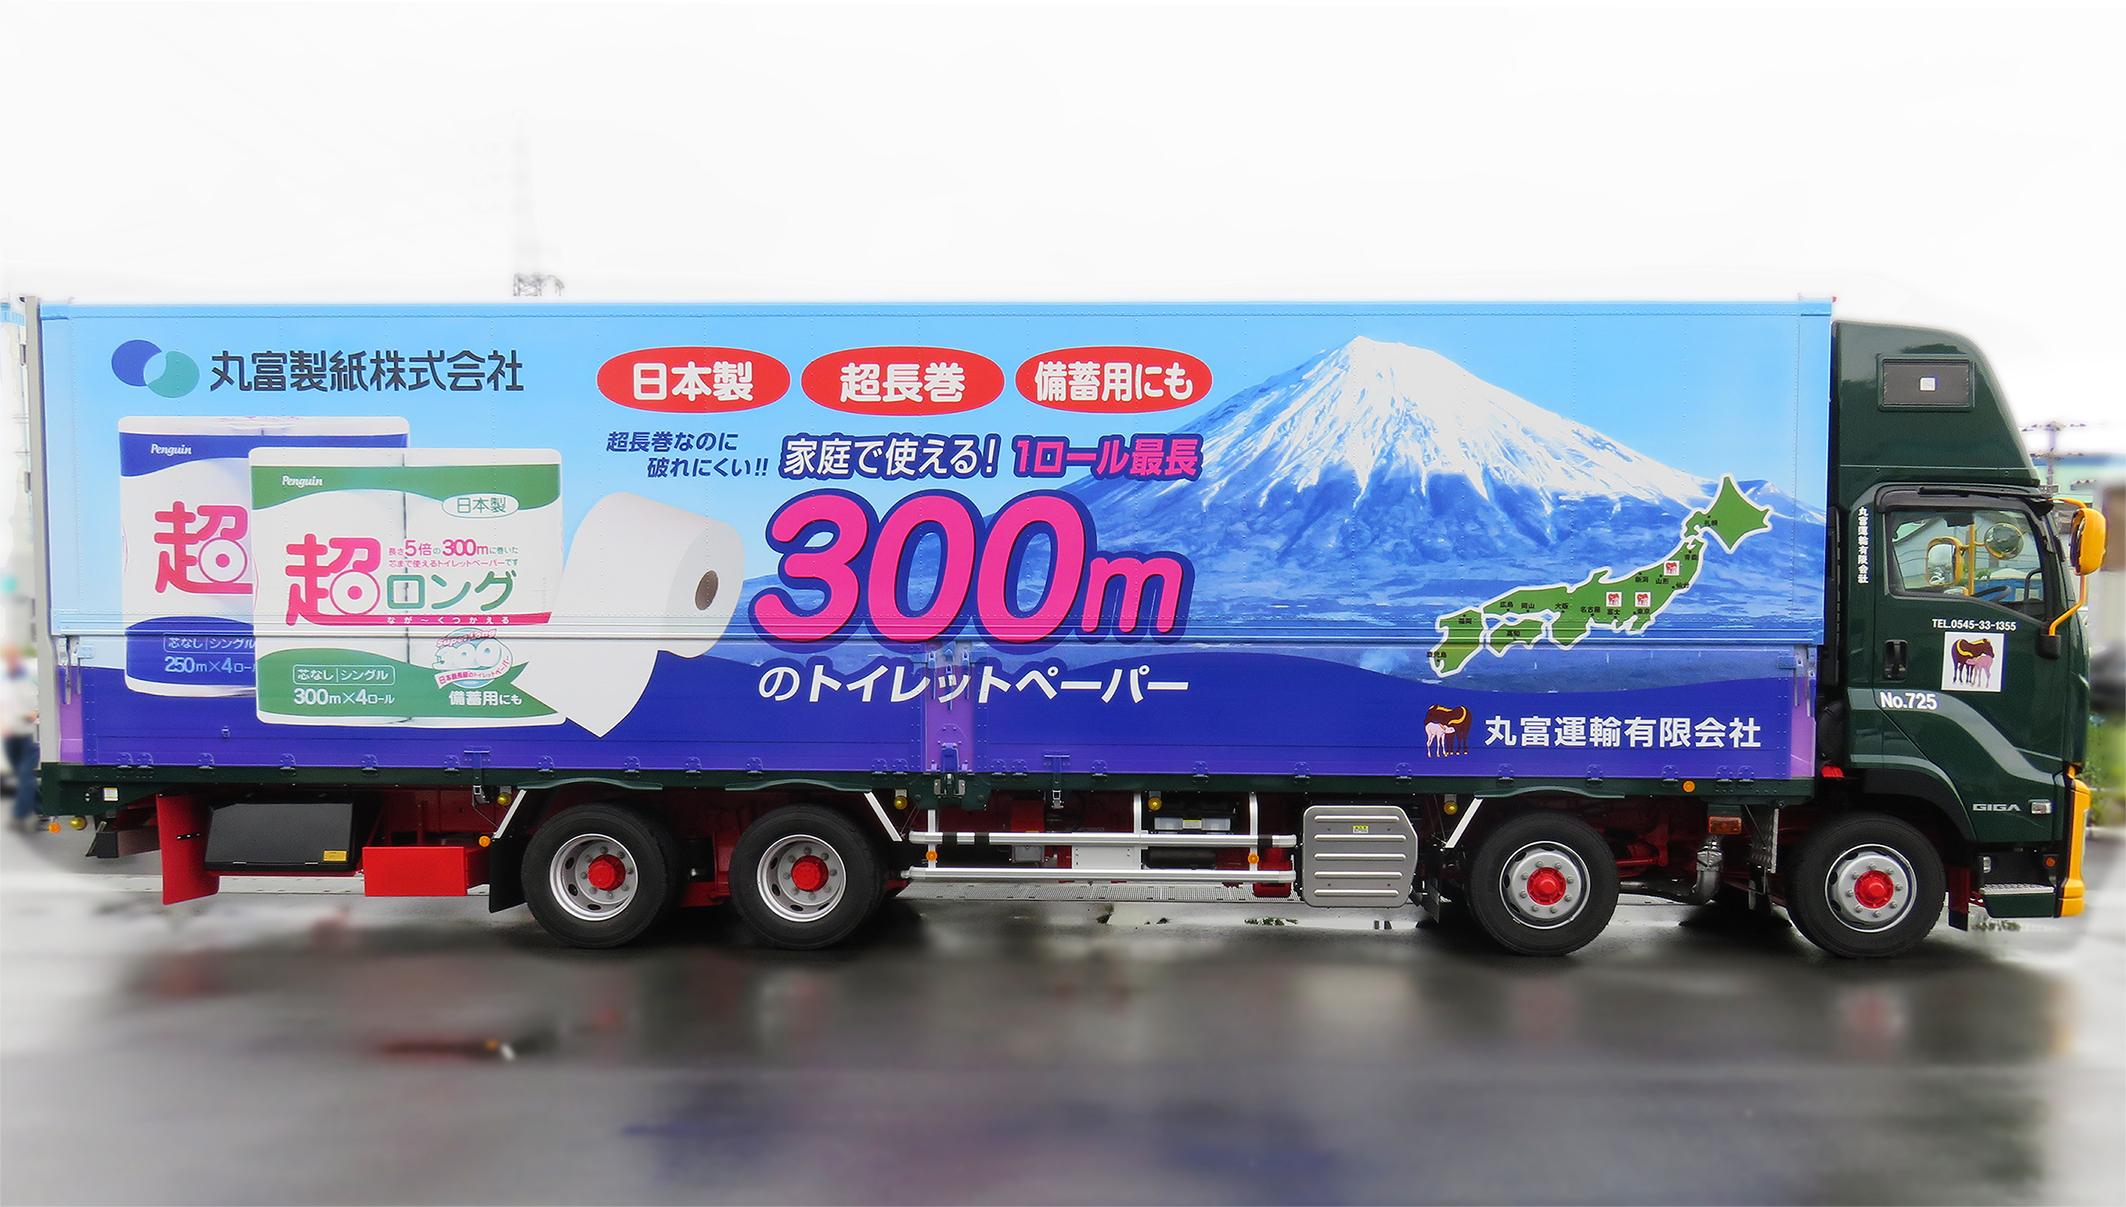 広告トラック